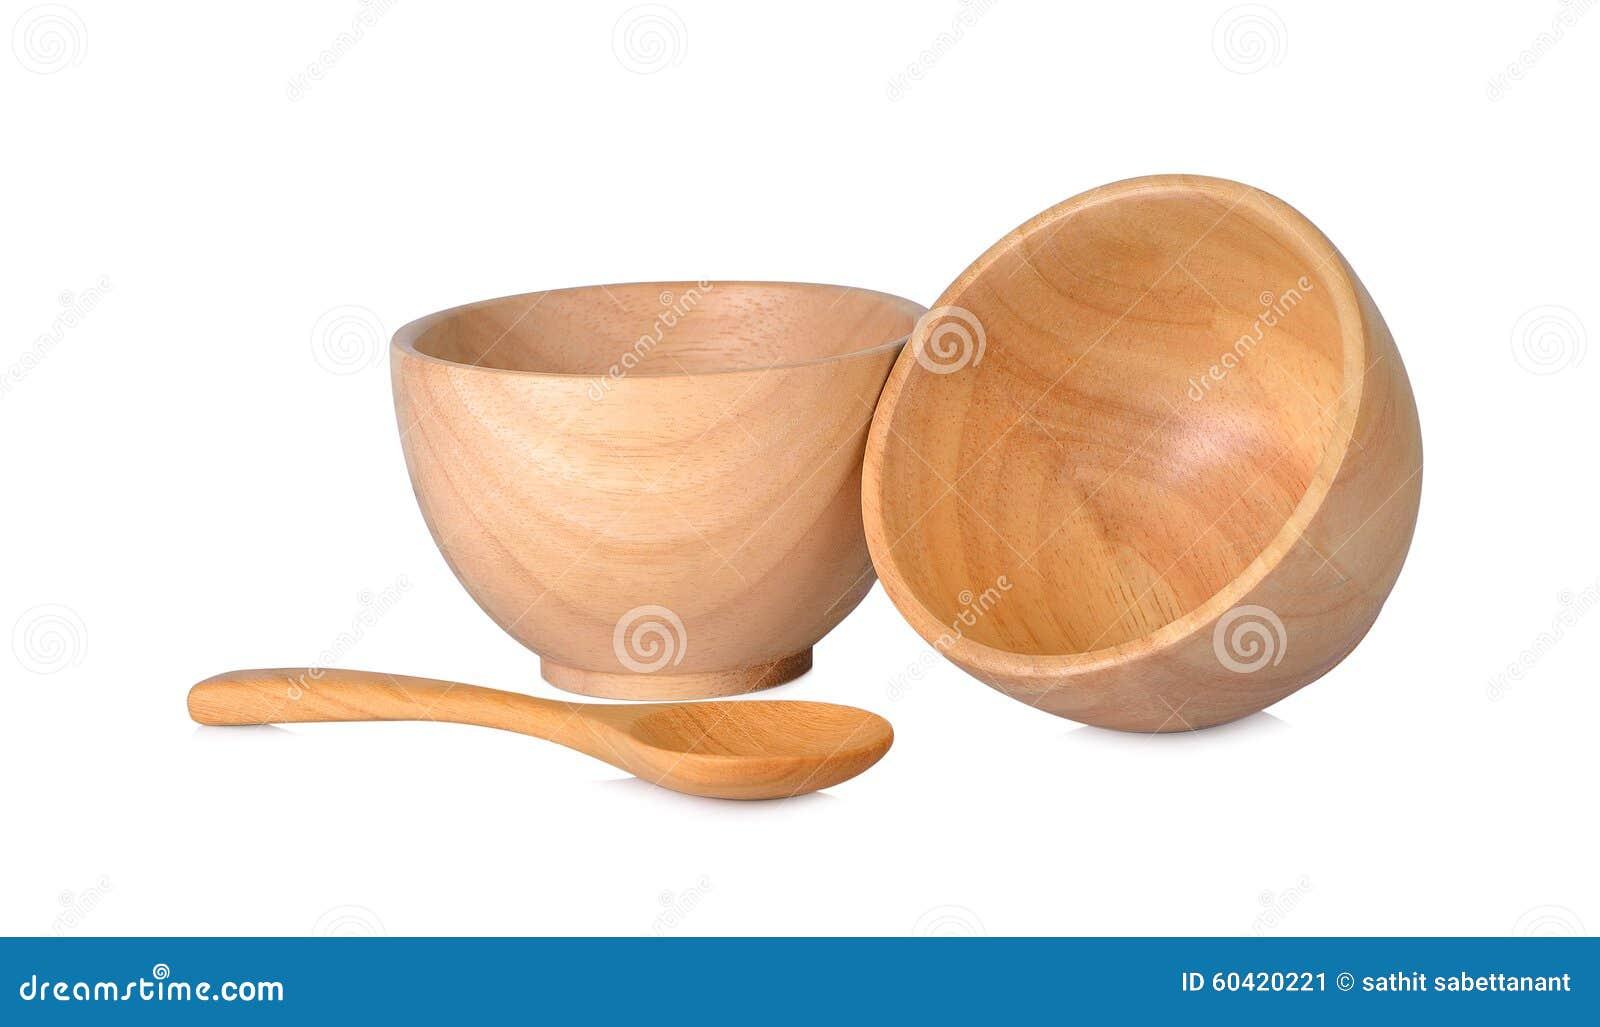 Filiżanki i drewniane łyżki na białym tle